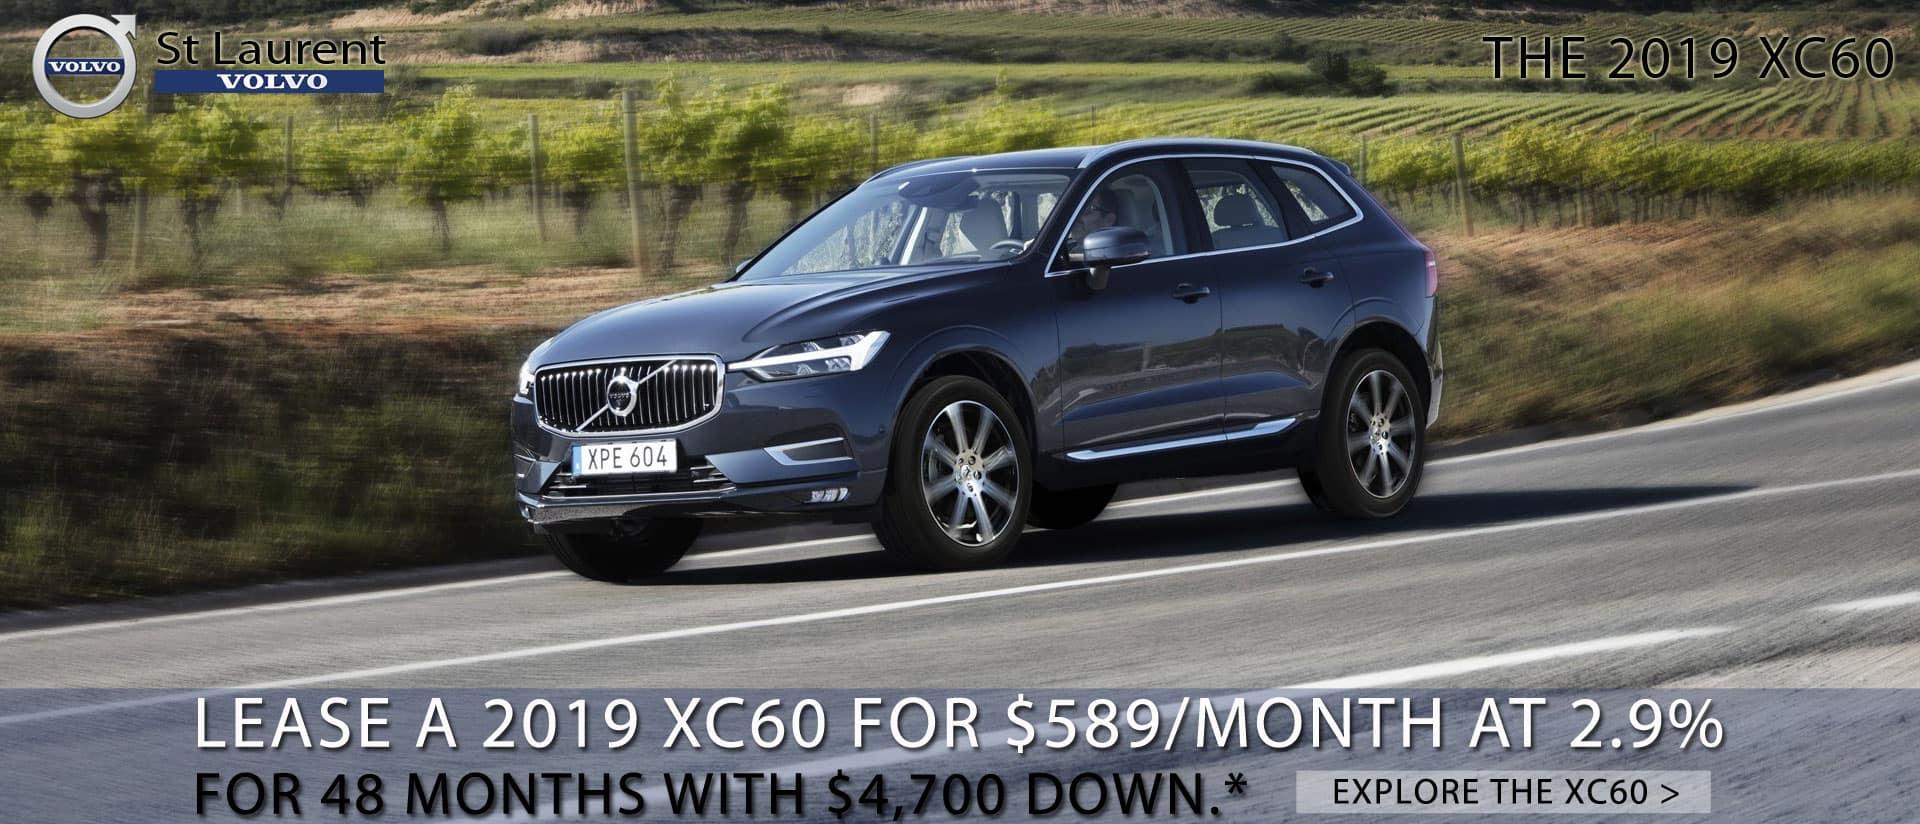 Volvo-National-Promo-xc60-april